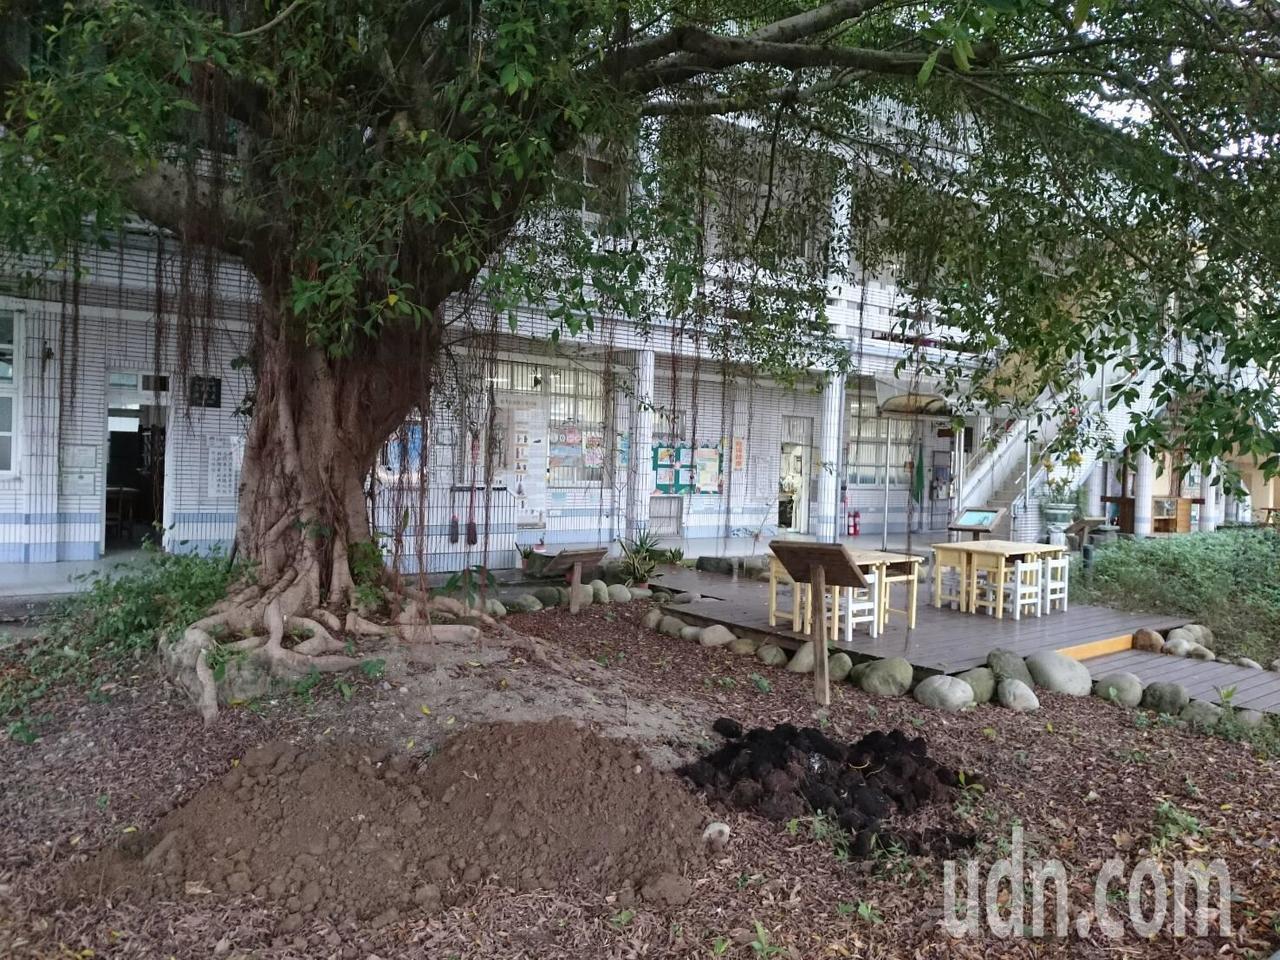 桃園市大溪區內柵國小為保護百年老樹,將過去周圍花台拆除,解放樹根生長範圍。記者許...